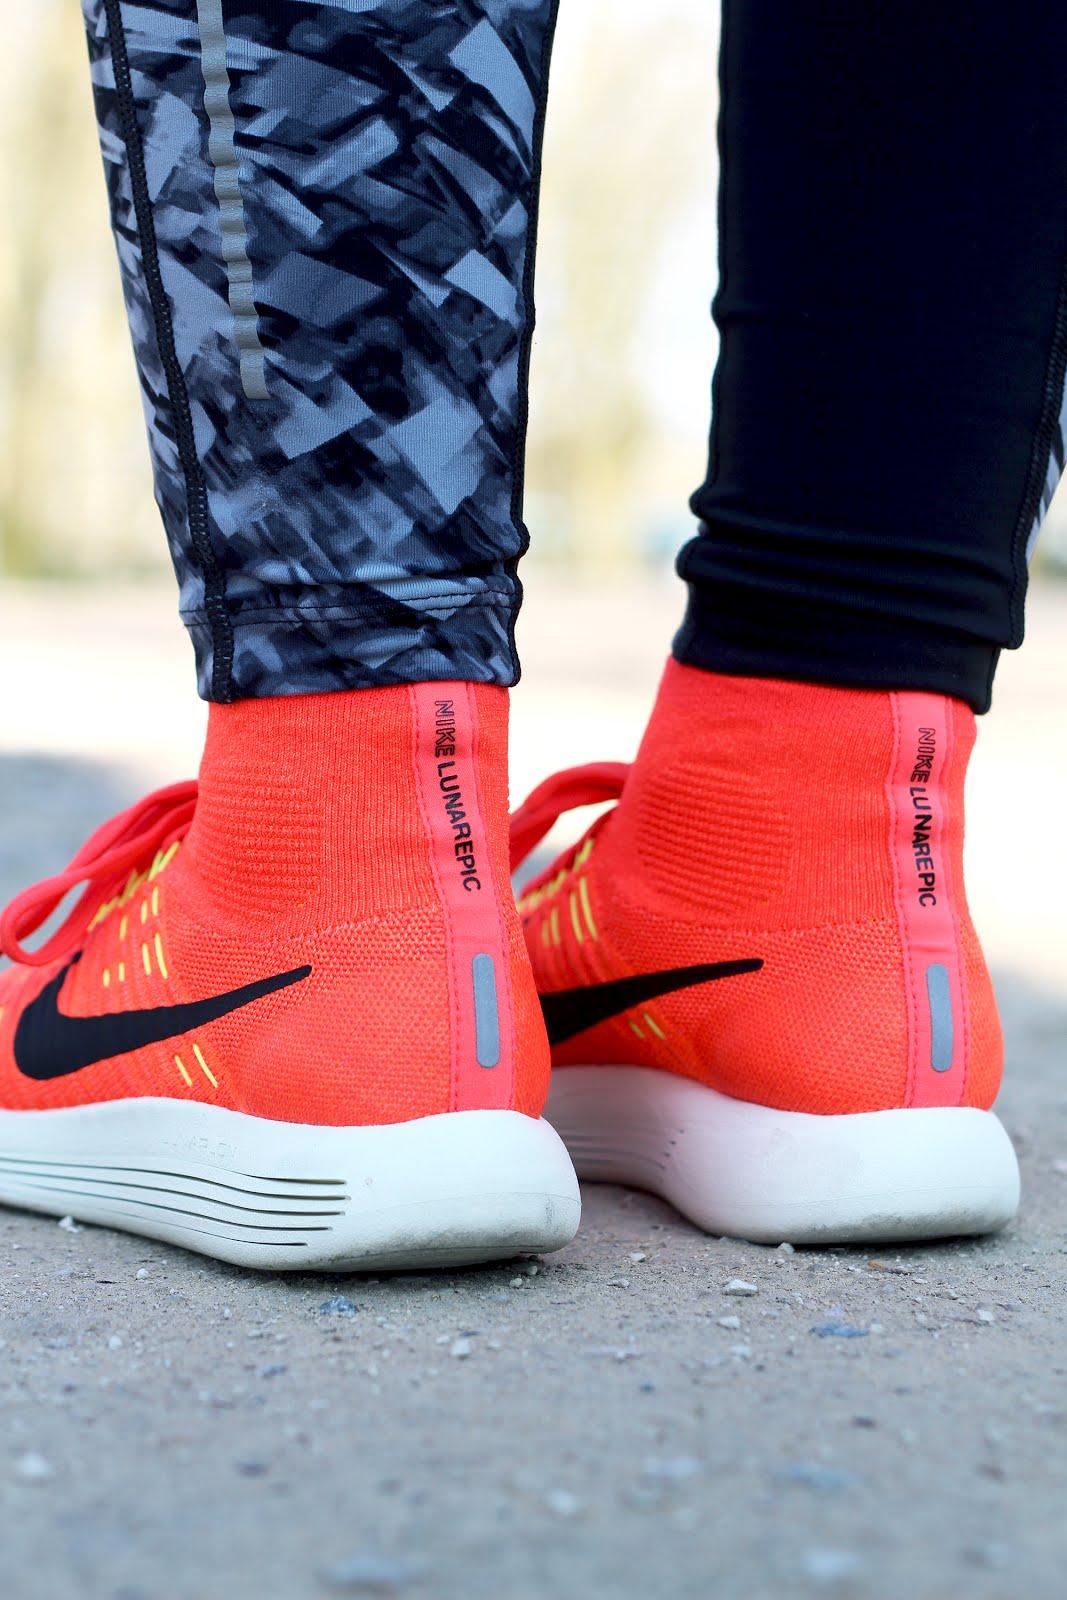 LunarEpic Nike Running